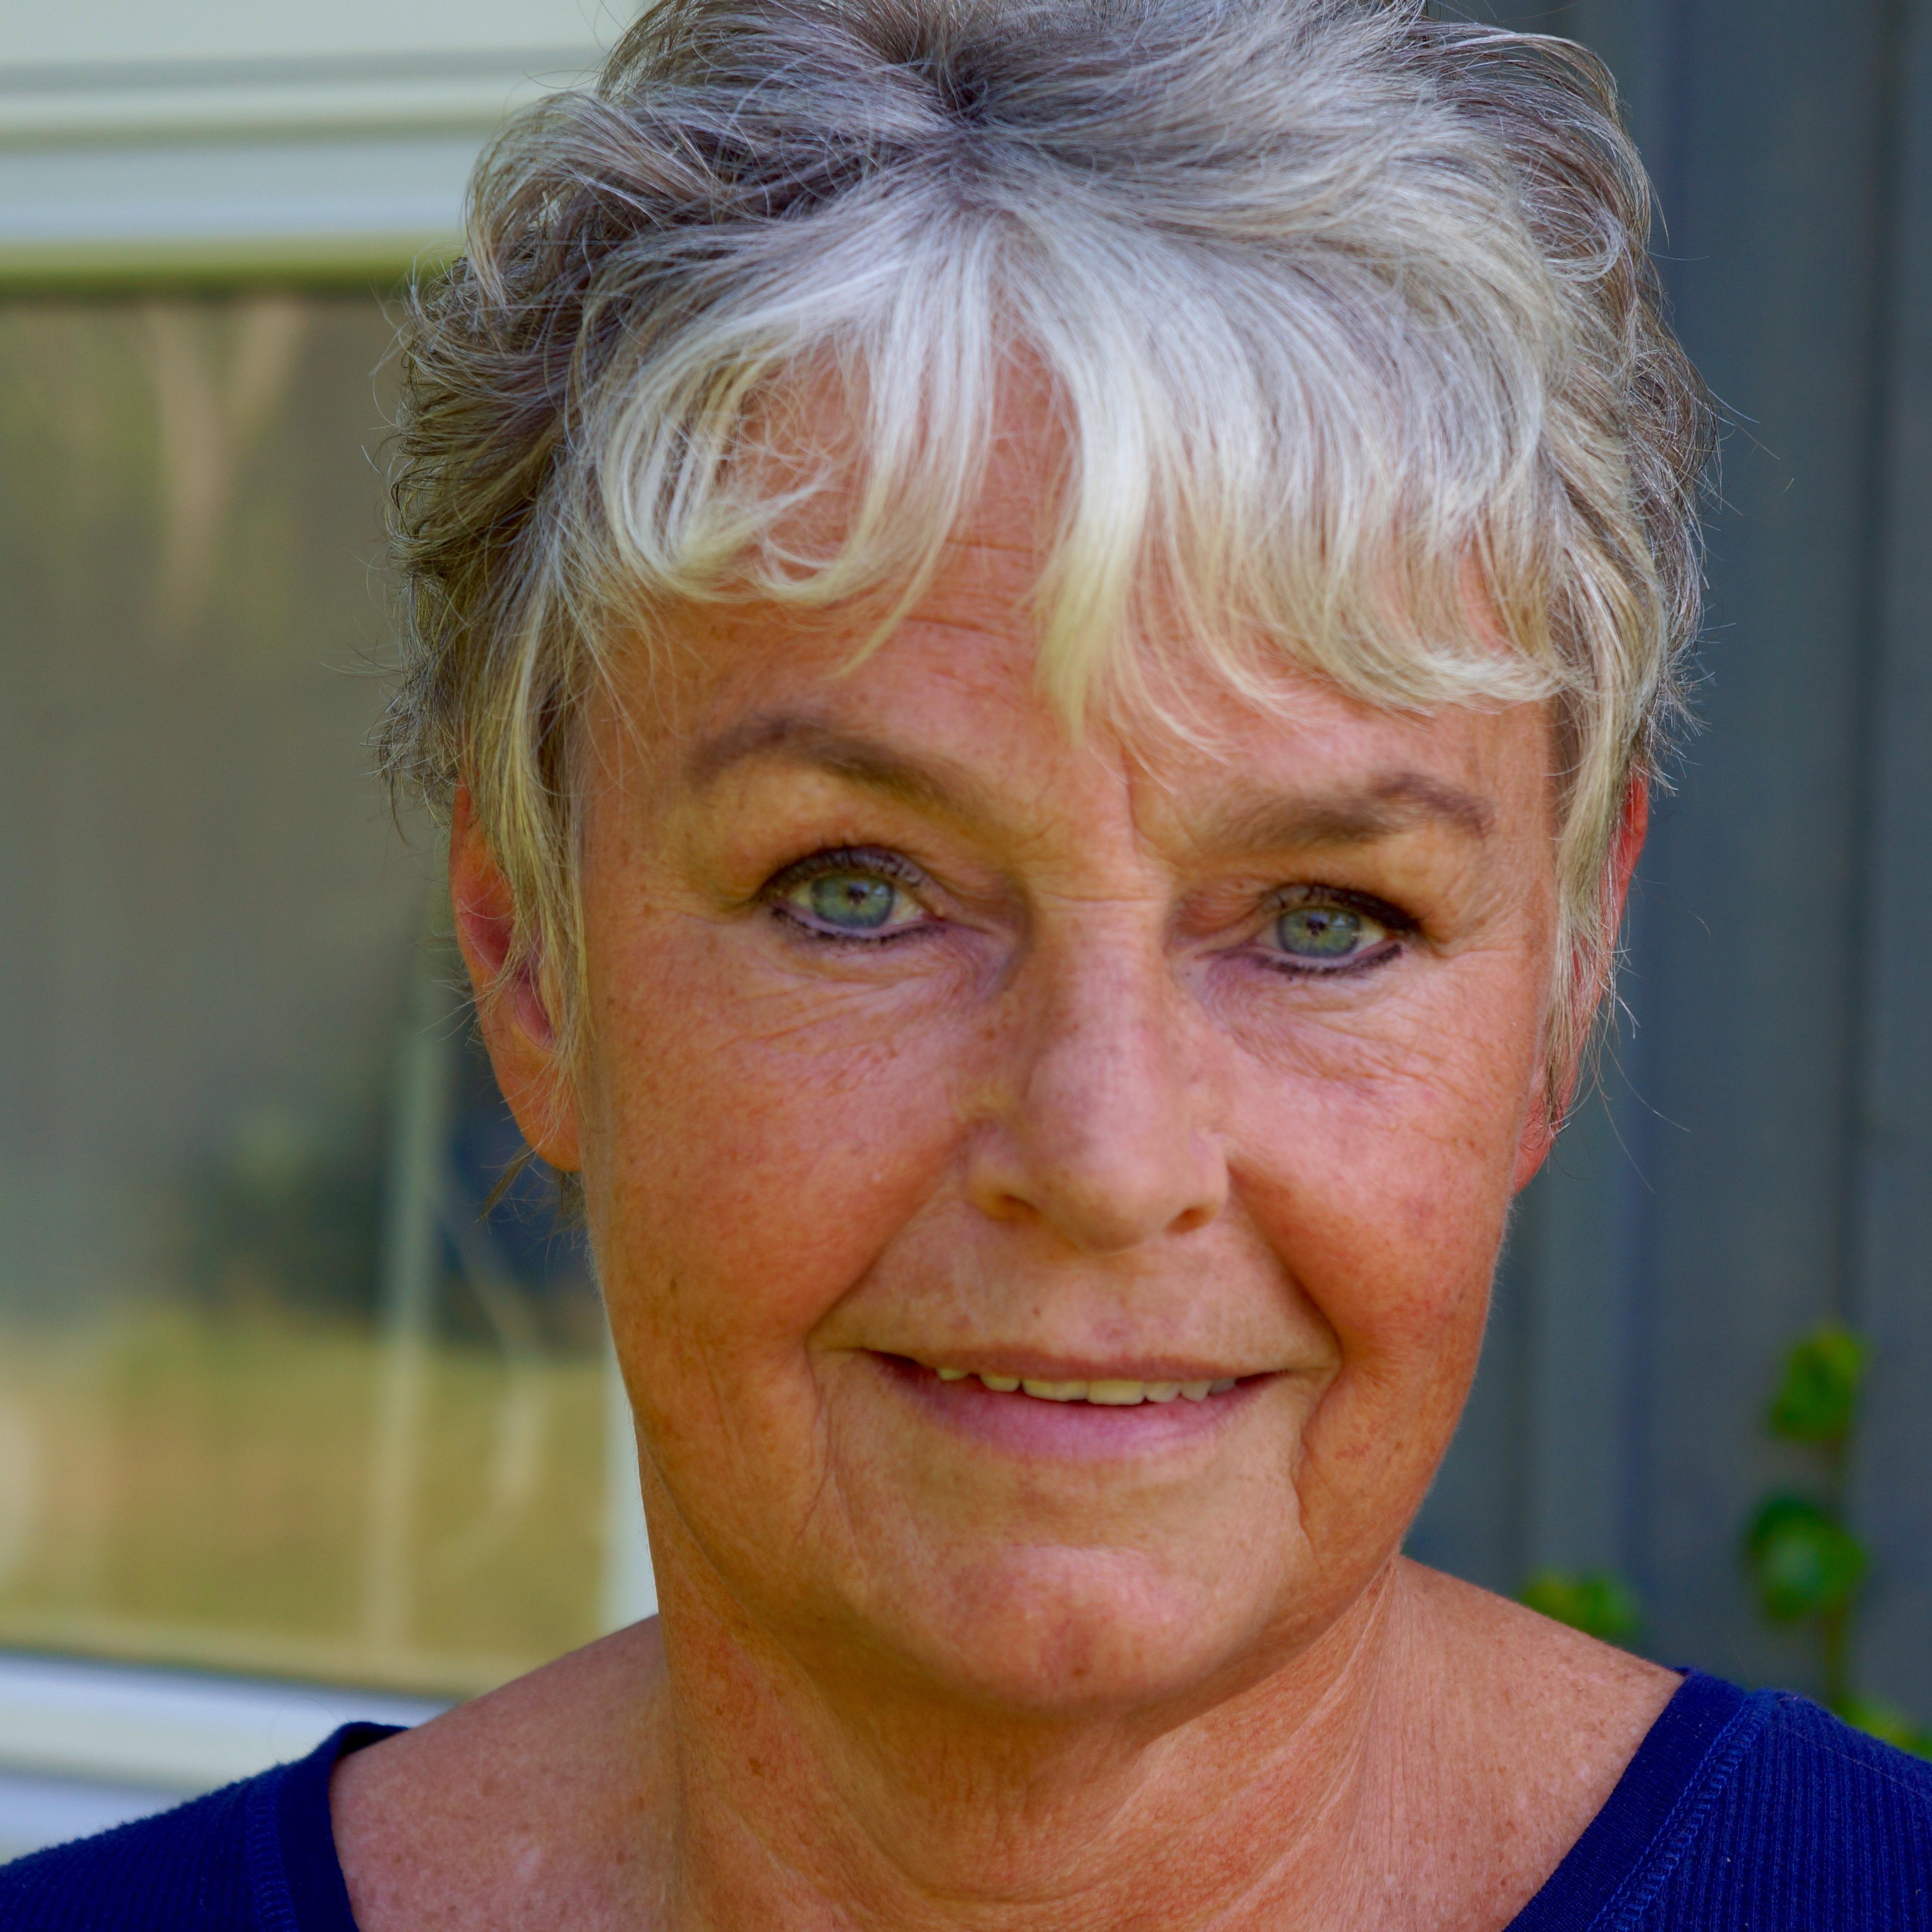 Cecilia Bäcklander